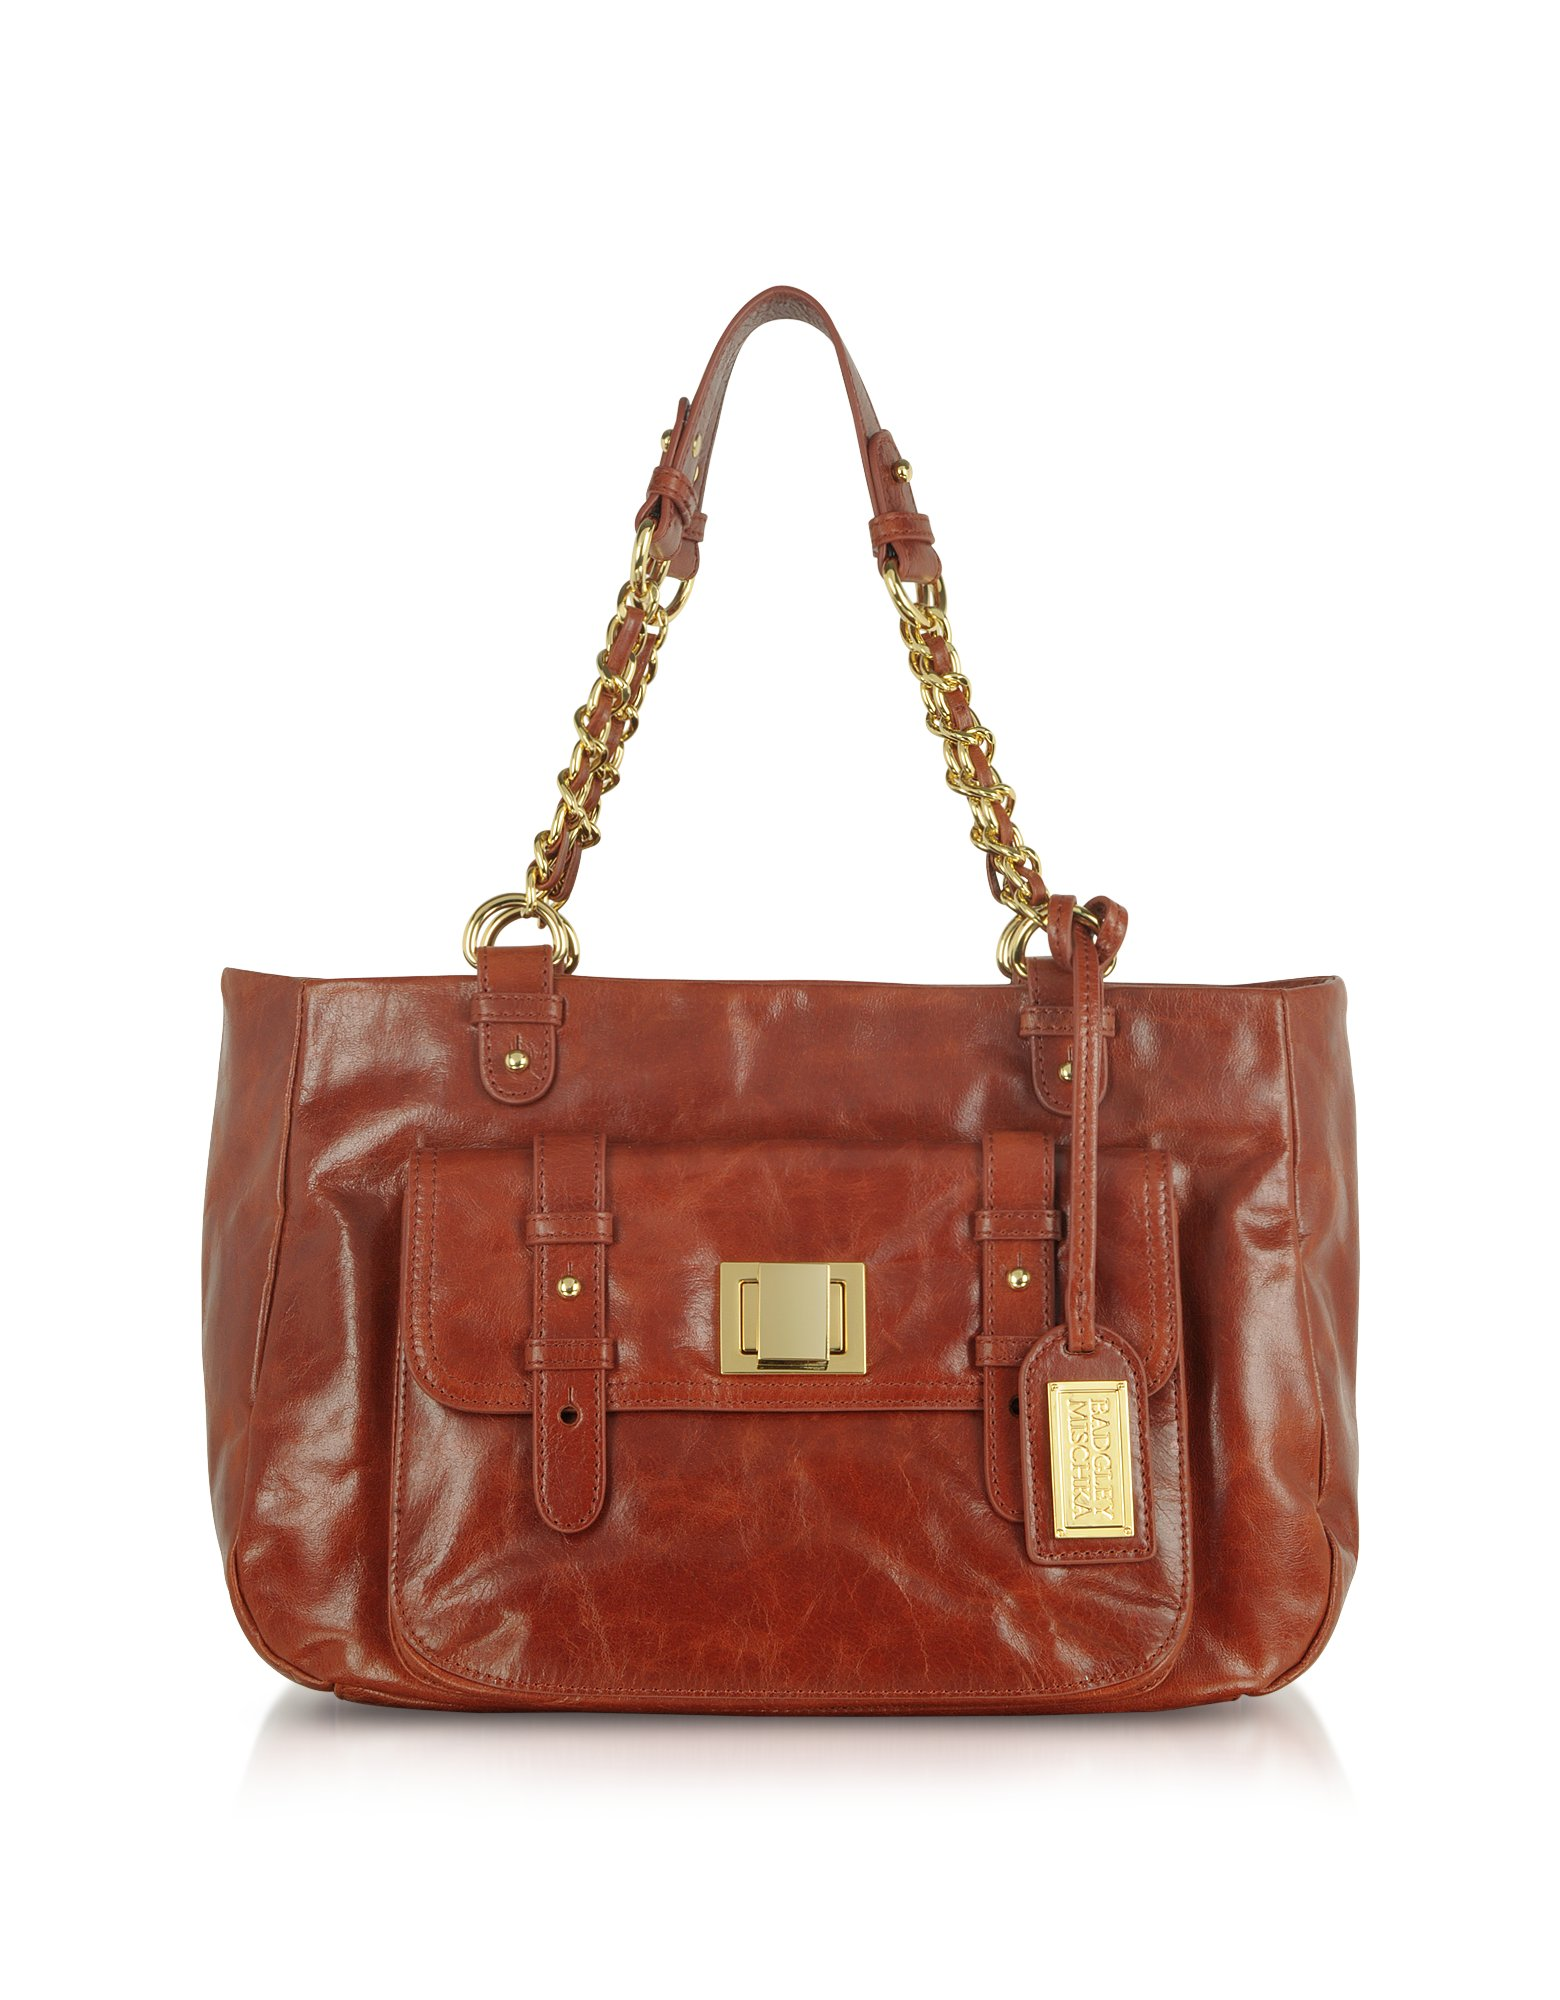 Badgley Mischka Carley Sport Shoulder Bag 88